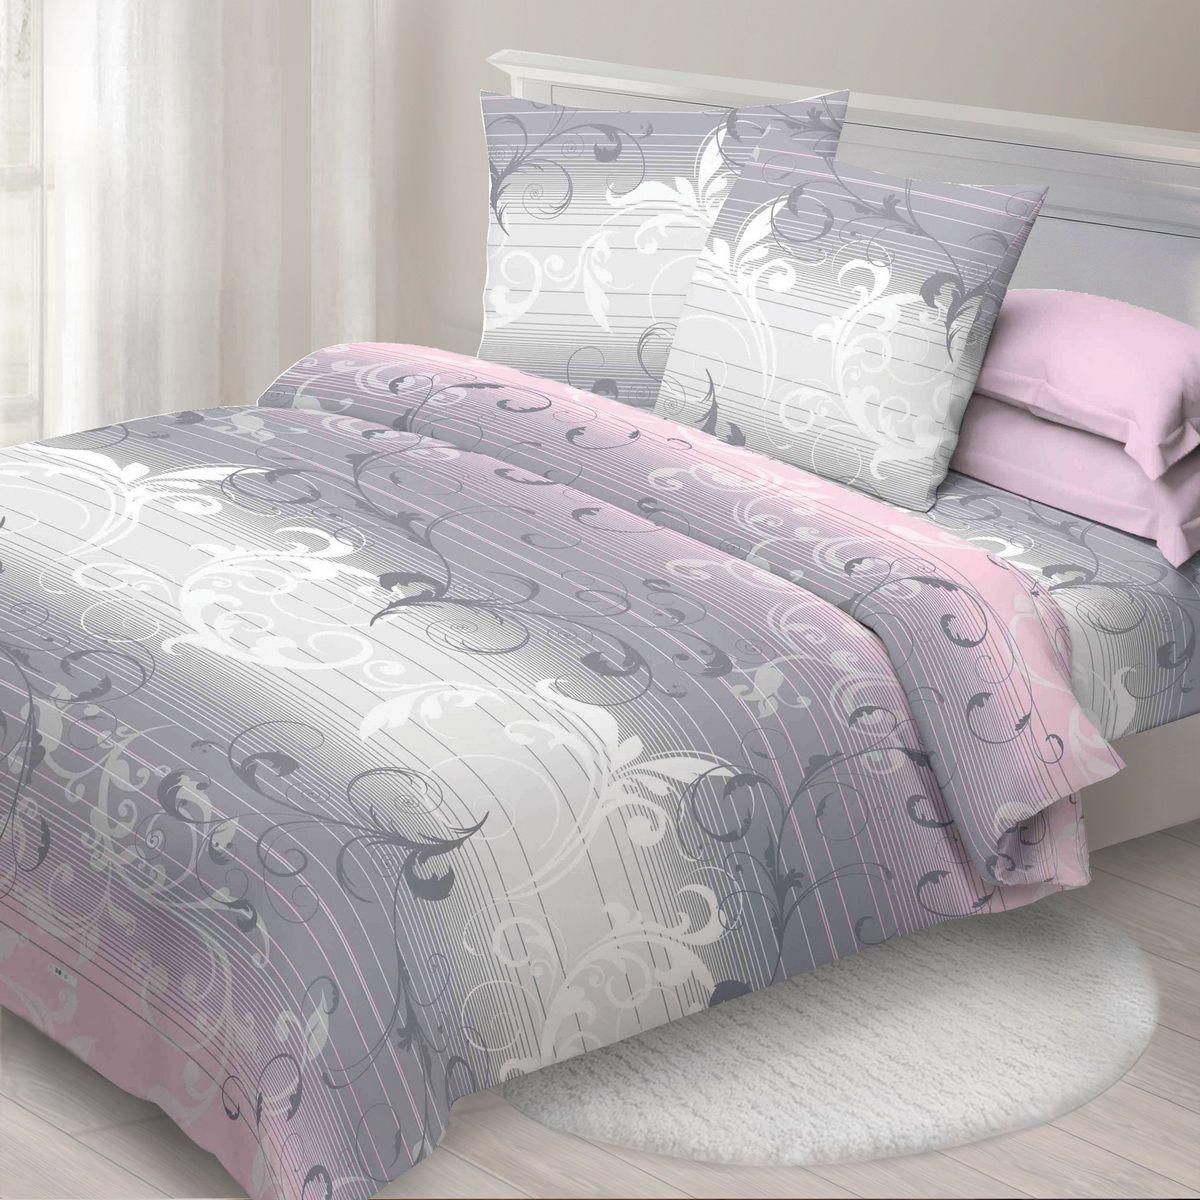 Комплект белья Спал Спалыч Жаккард, 2-спальное, наволочки 70 x 70 см недорогое